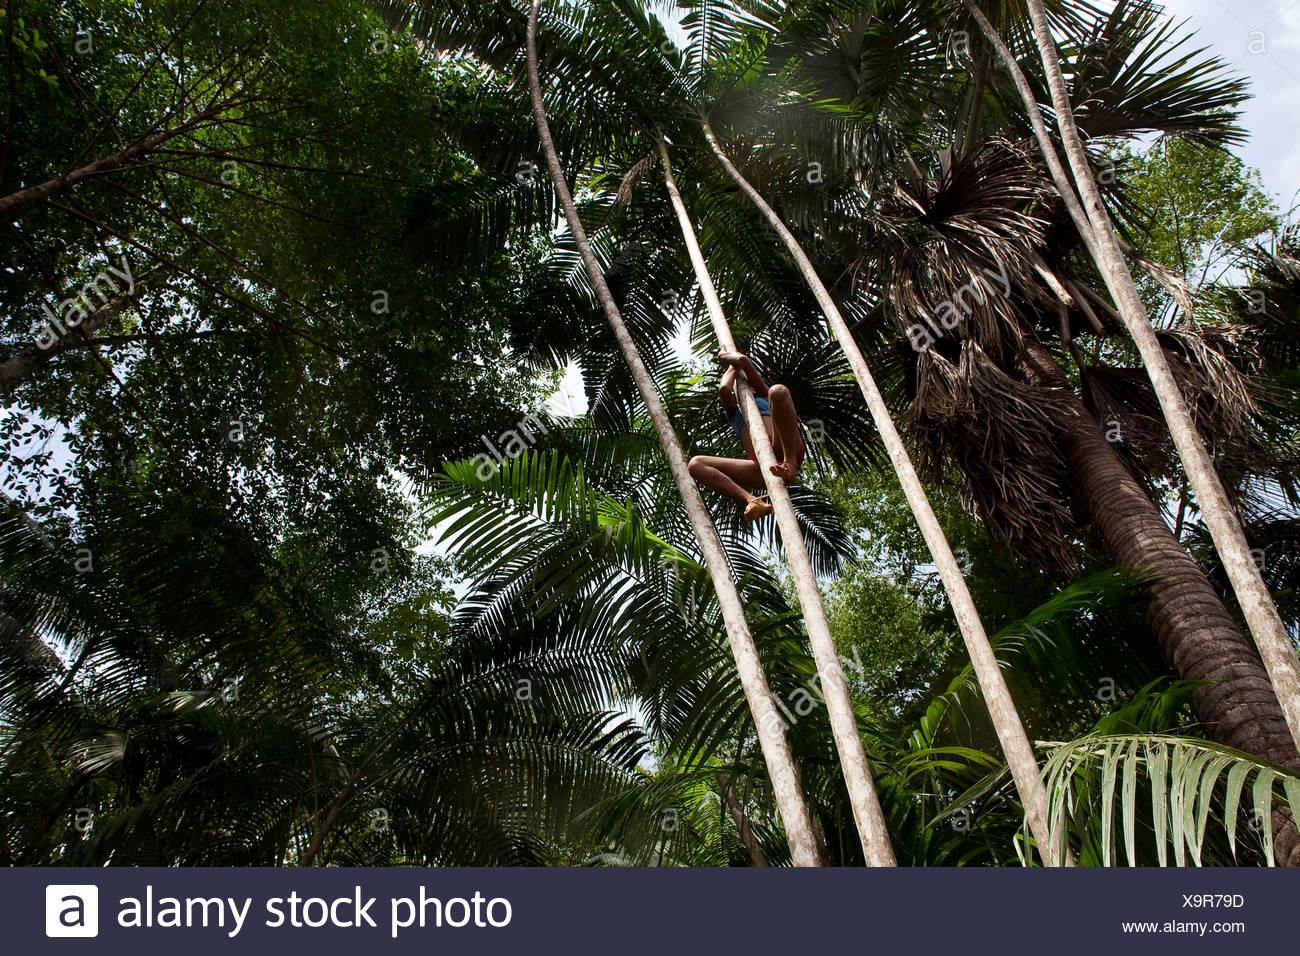 Adolescente picks acai frutti nelle foreste dello Stato di Maranhão, Brasile. Immagini Stock